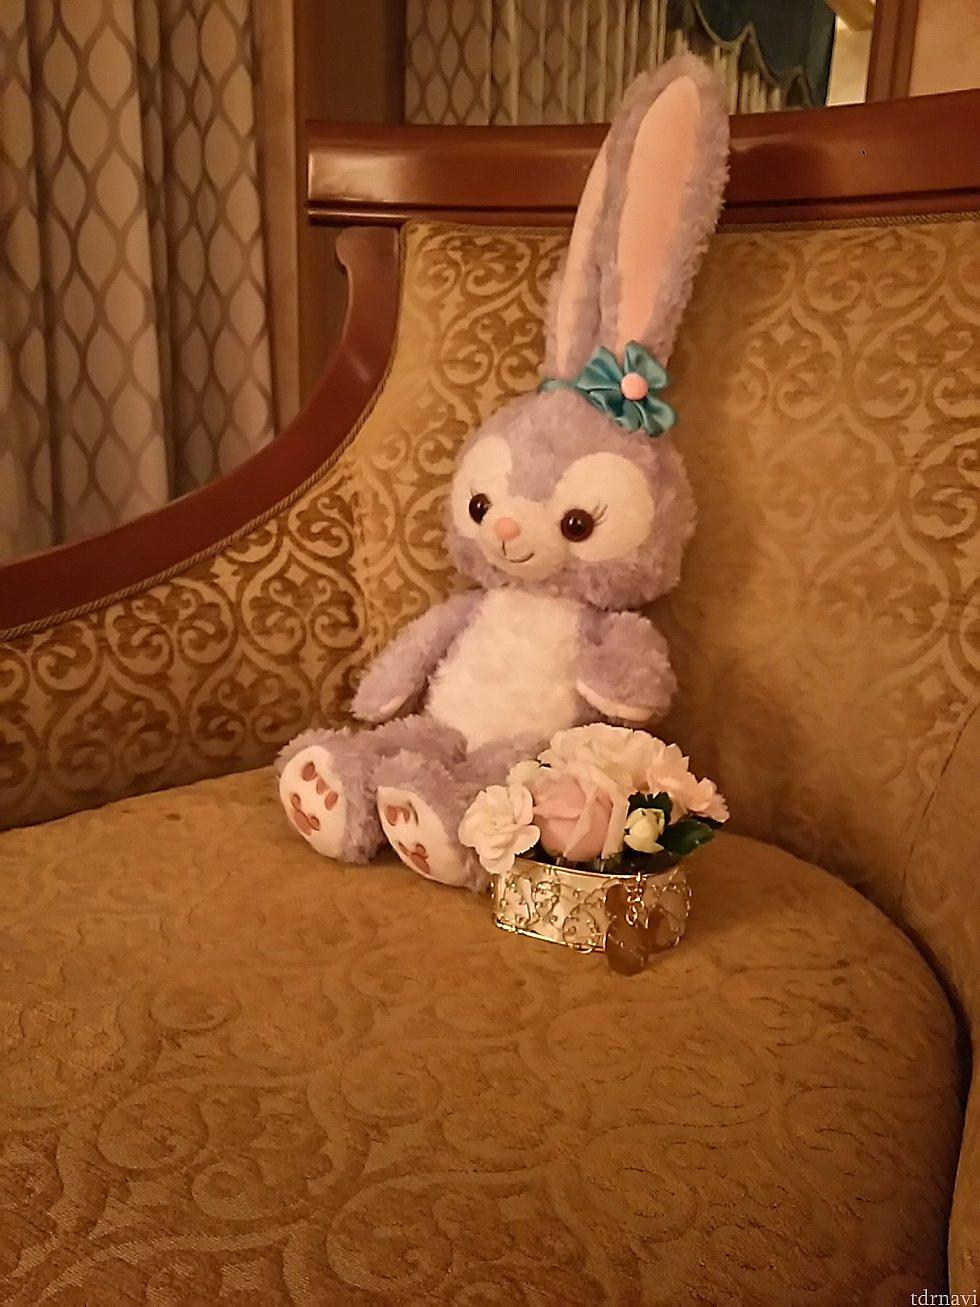 テーブルに飾ってあったお土産のお花生花です入れ物はハートの形にミッキーのチャームがついています